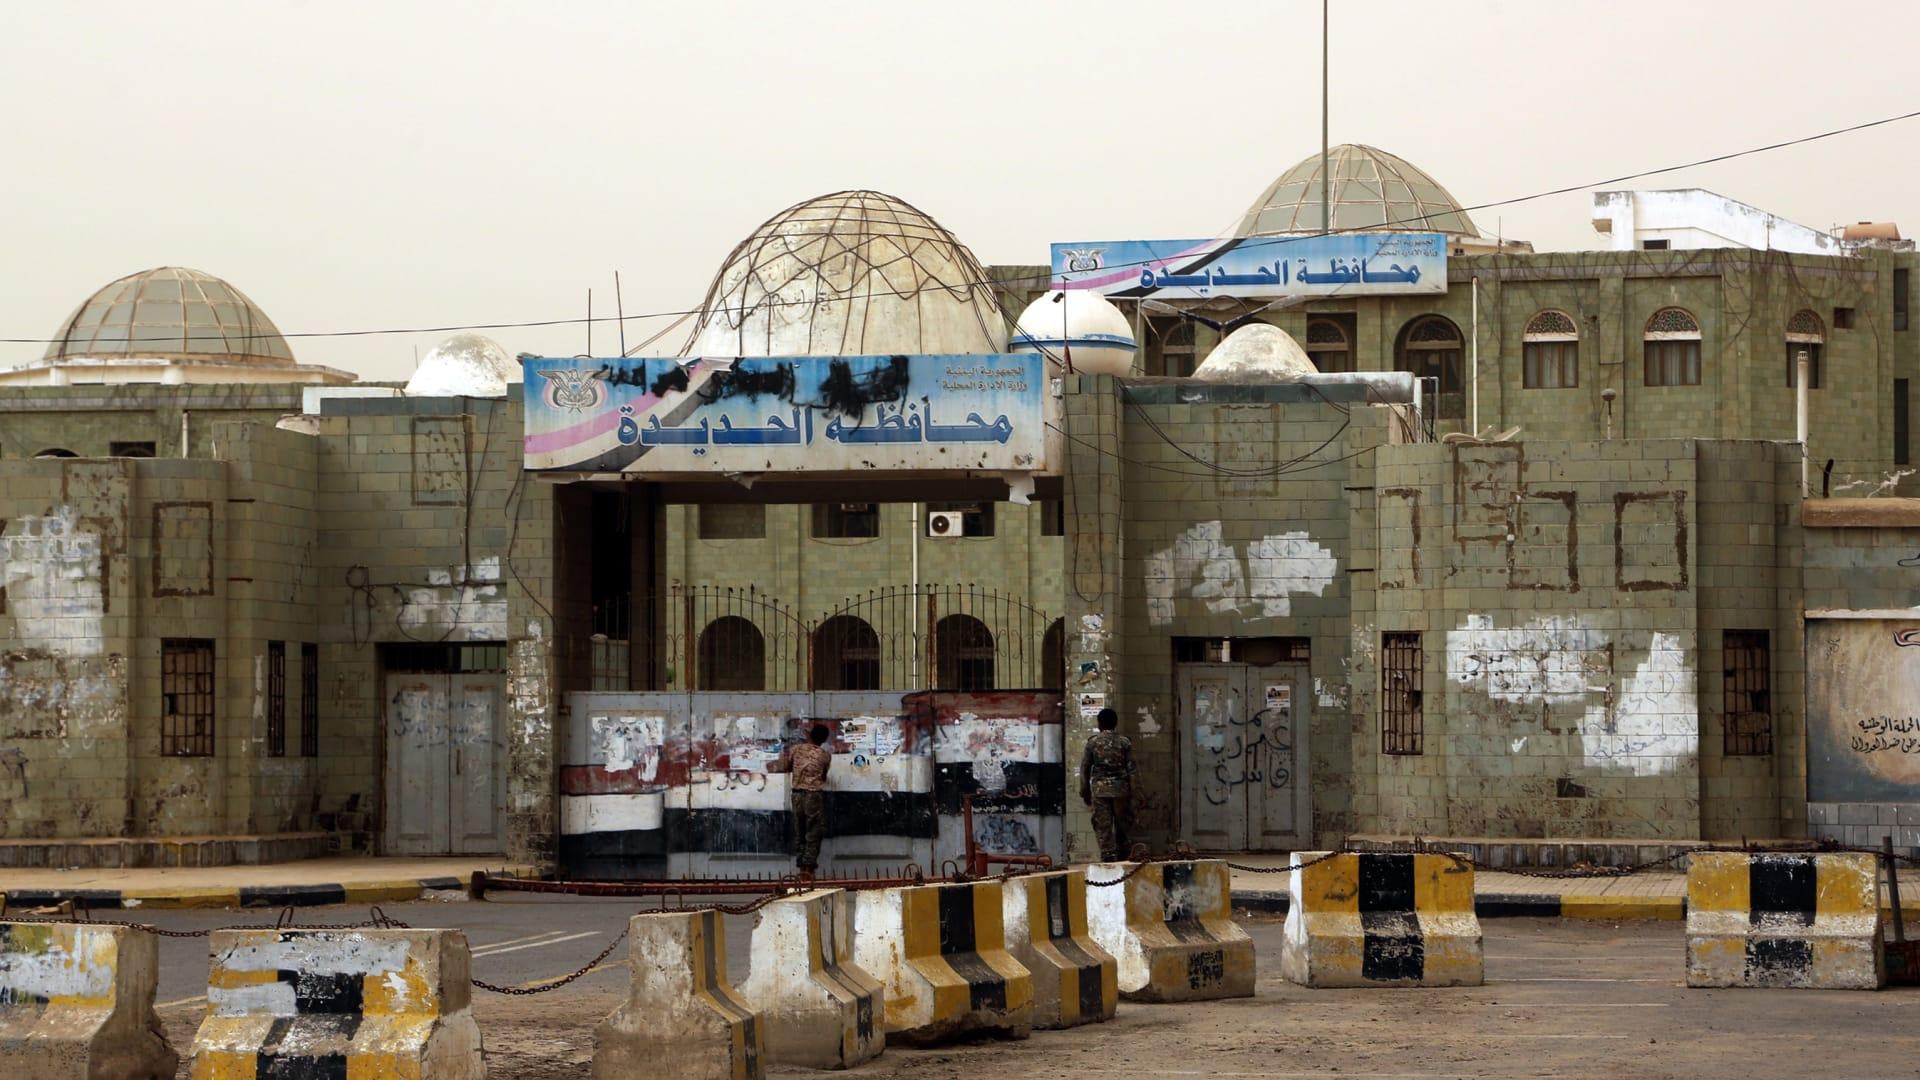 لماذا لم تنته الحرب الأهلية في اليمن بعد؟